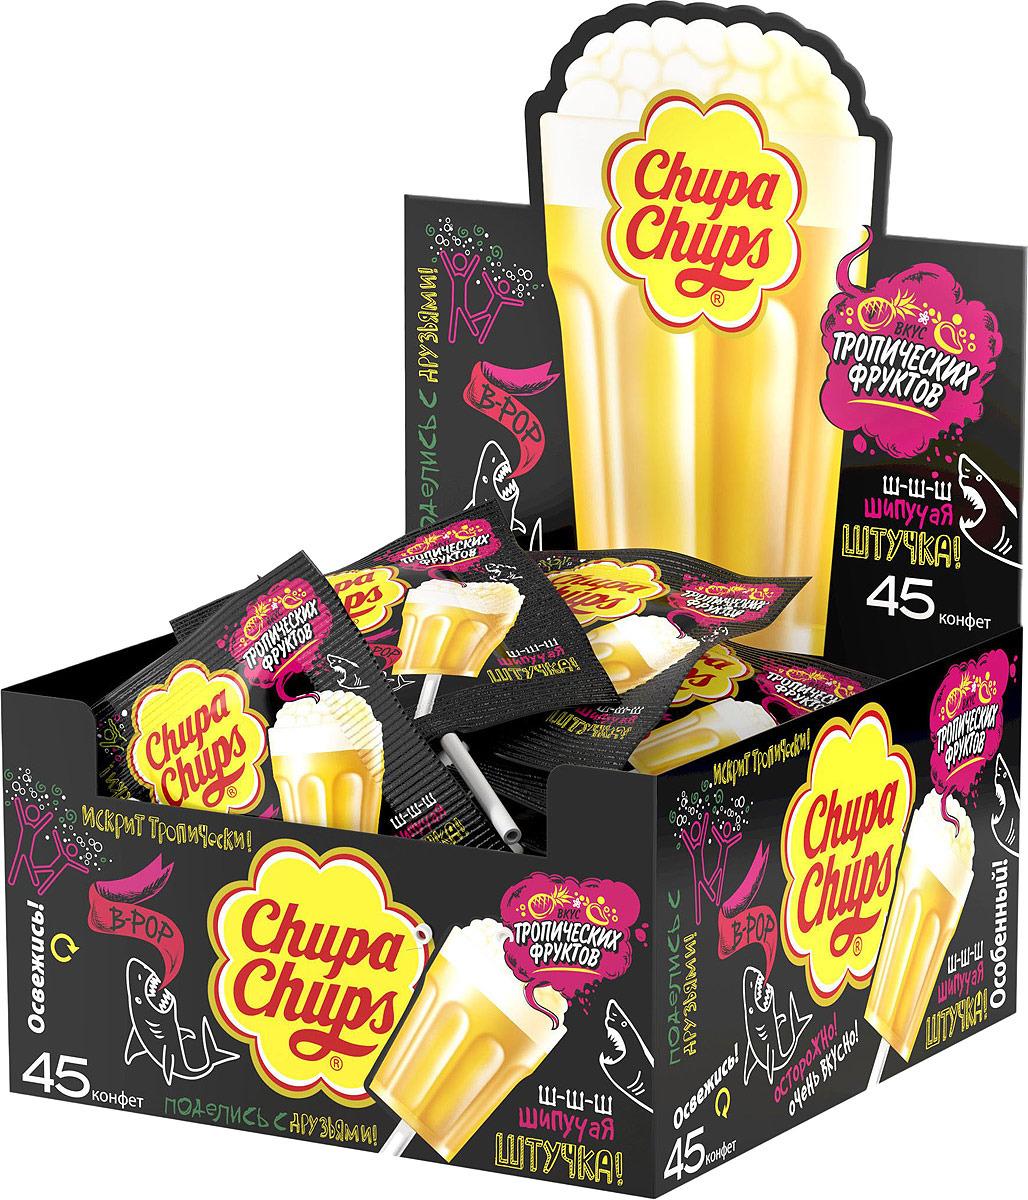 Леденец Chupa Chups B-POP, со вкусом тропических фруктов, 45 шт по 15 г леденец chupa chups b pop со вкусом тропических фруктов 45 шт по 15 г